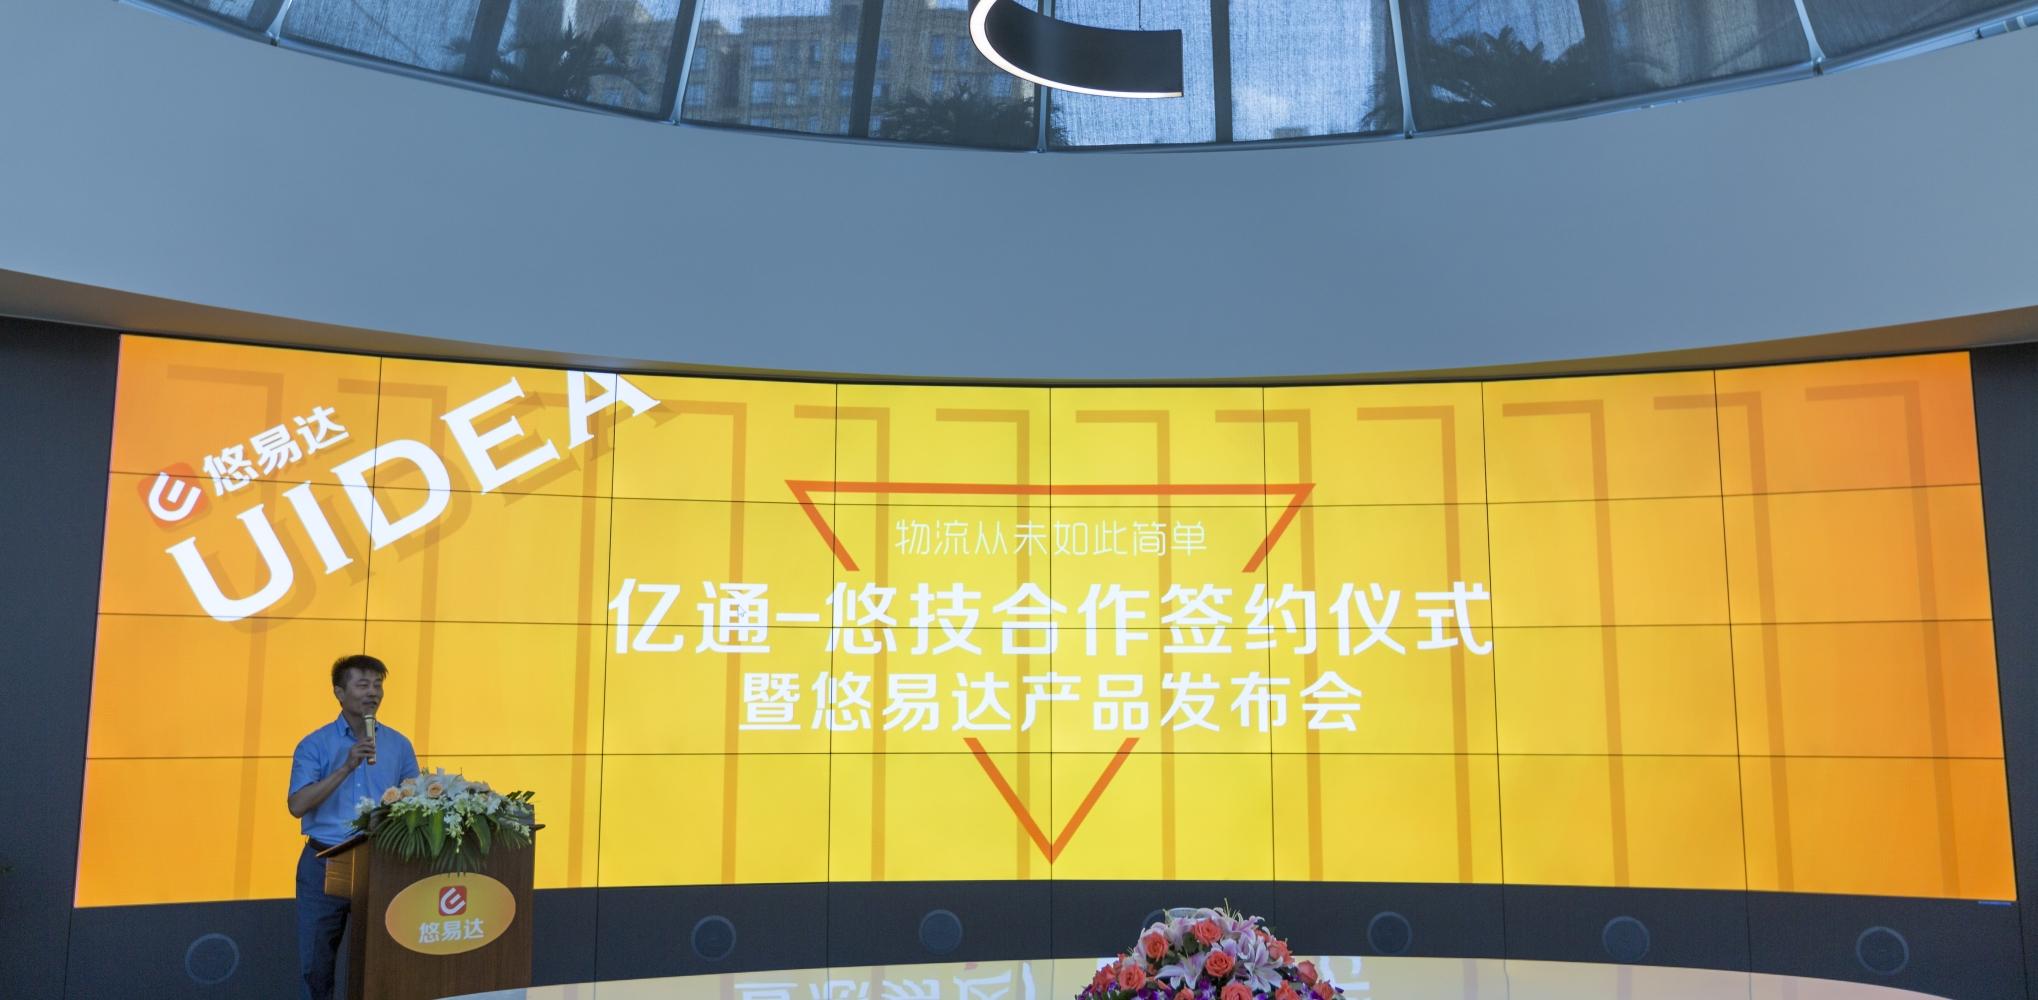 上海市国际货运代理行业协会协会秘书长李林海发表讲话